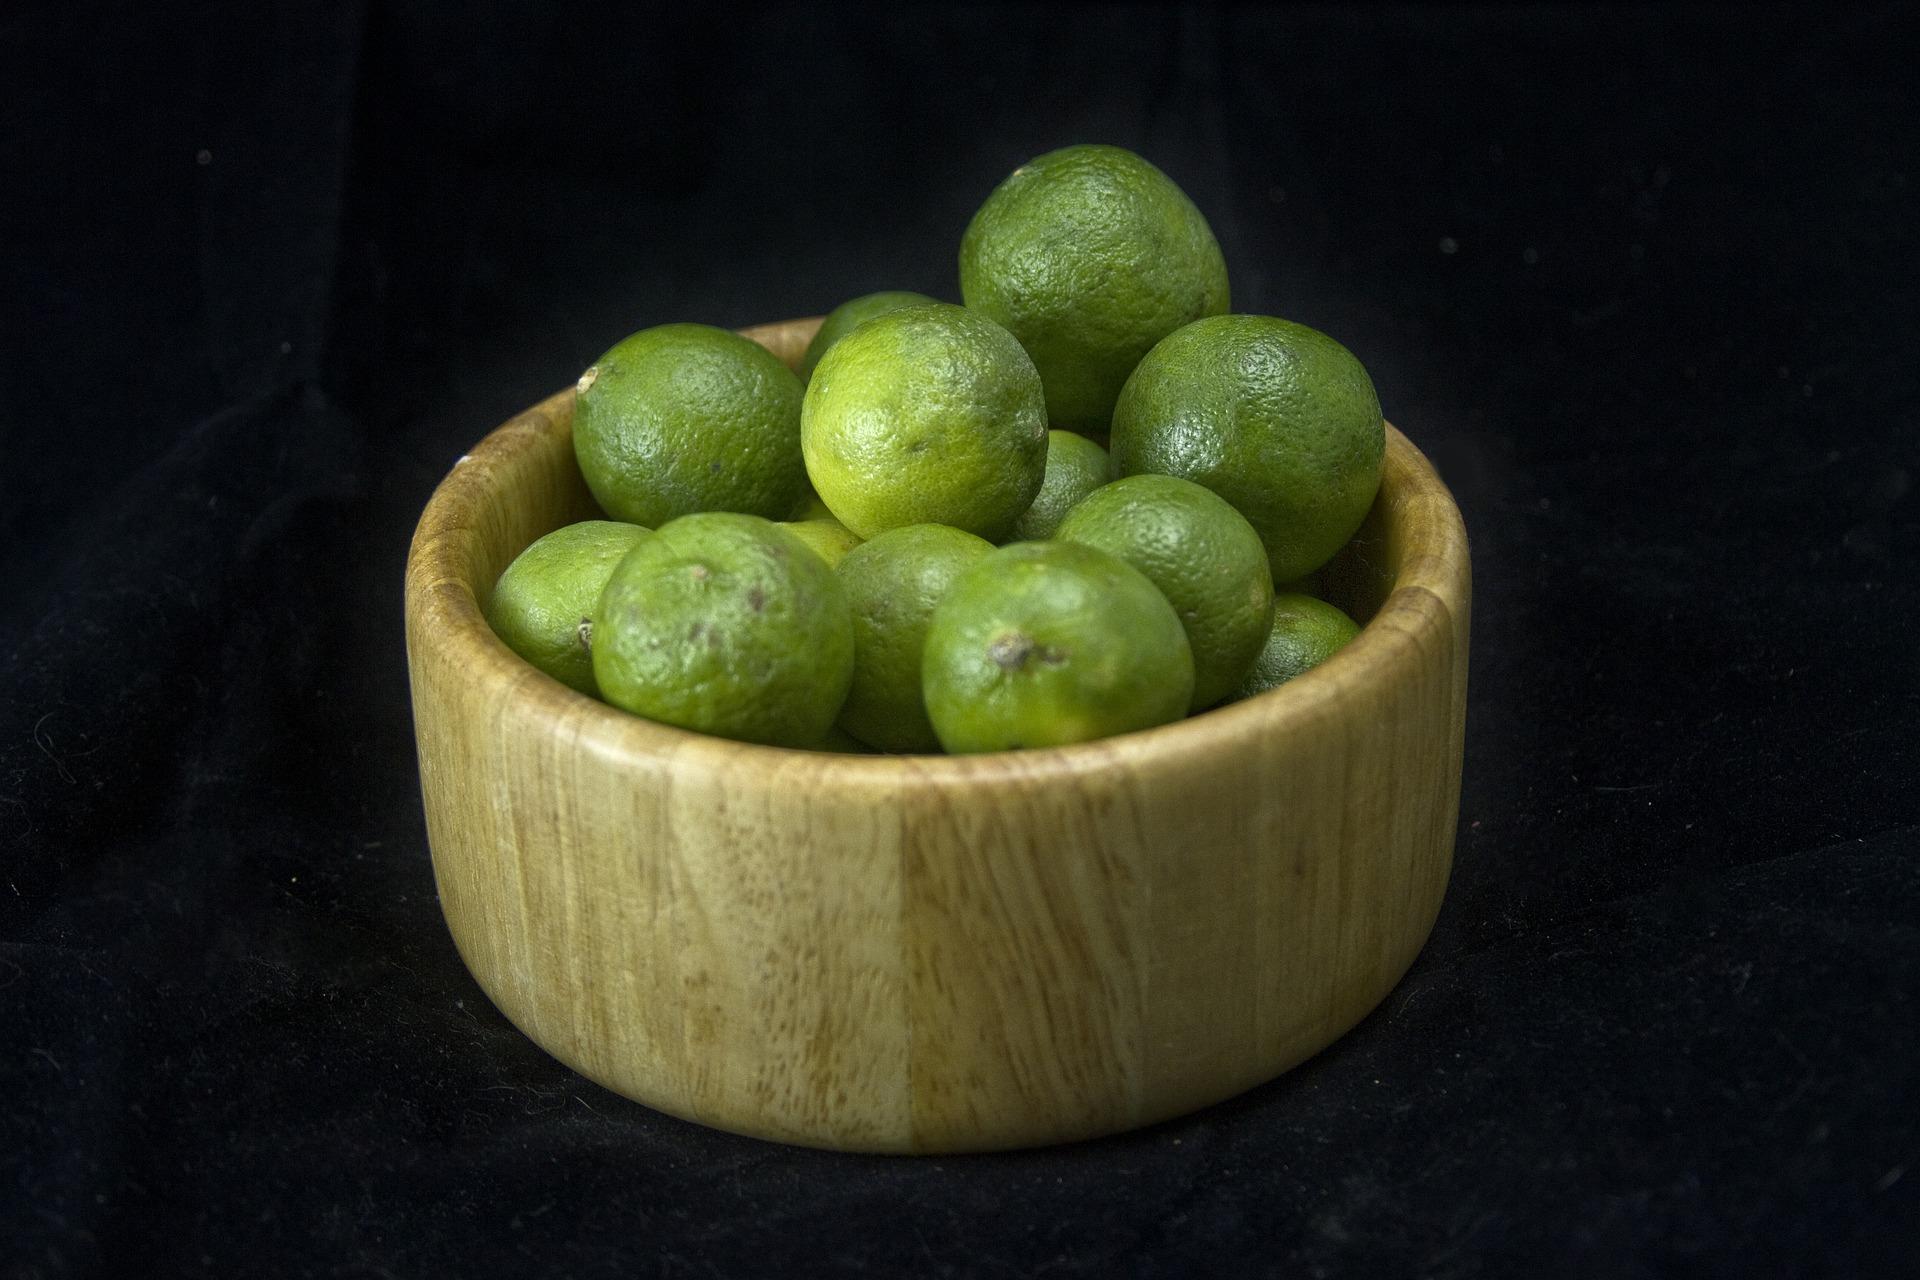 importateur-en-france-de-citron-vert-lime-5